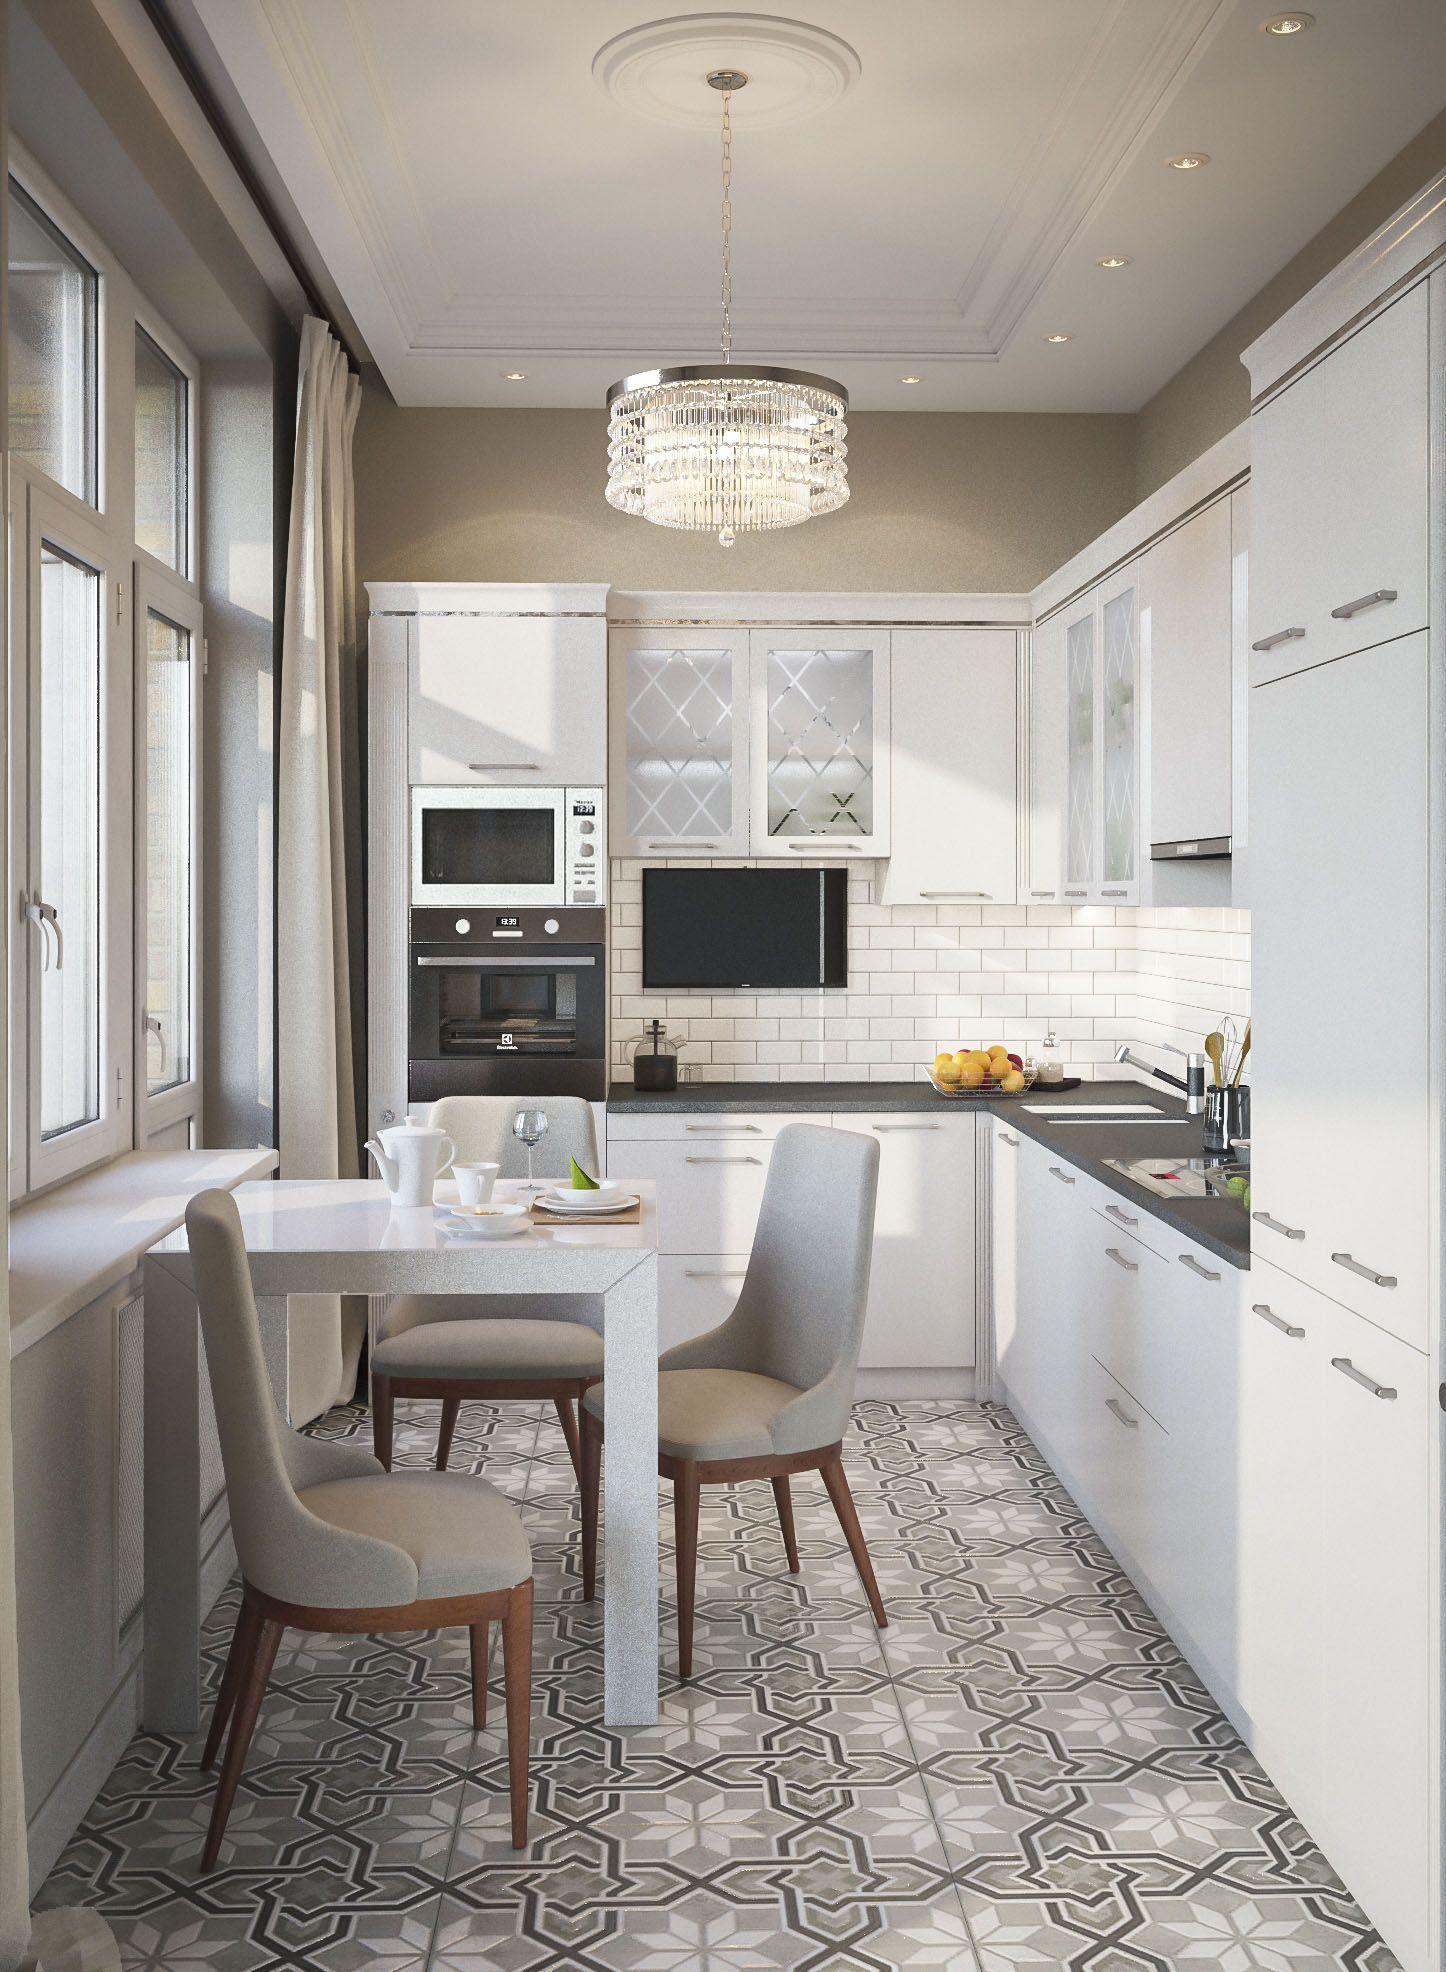 Встраиваемая кухня: 150+ (Фото) Интерьеры Со Встроенной ...